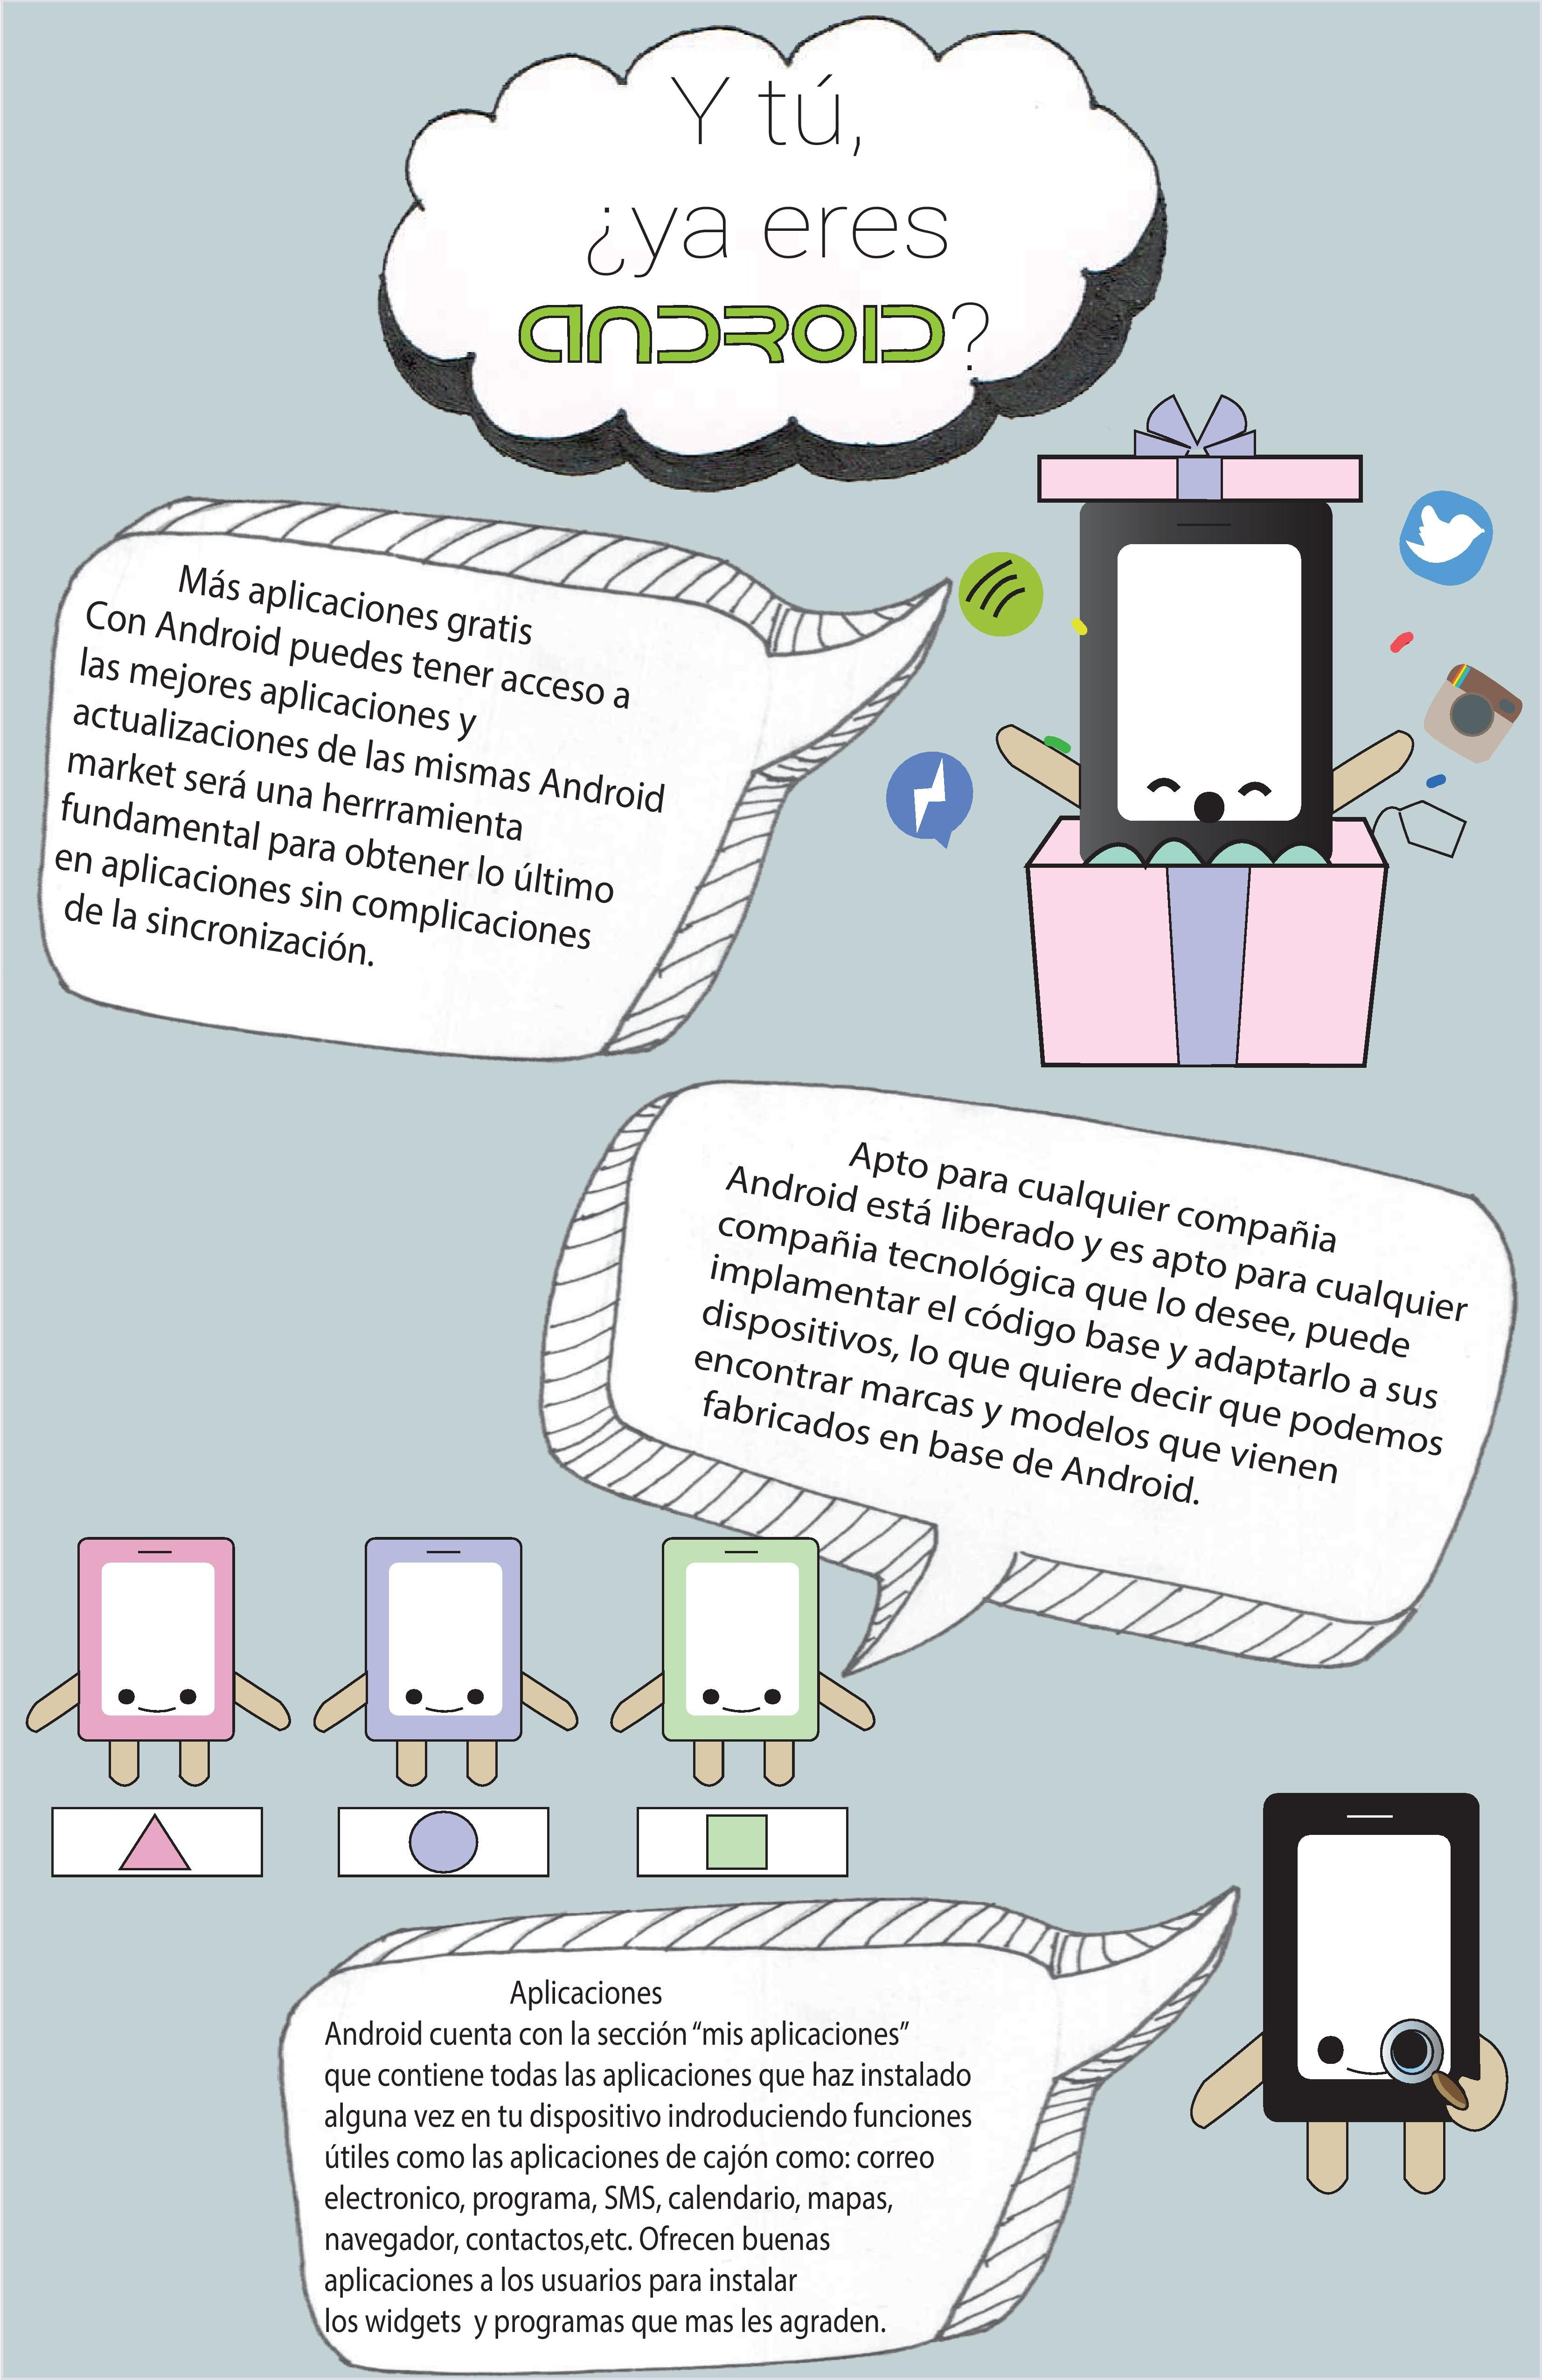 Segunda parte de la infografía sobre android #android #infografía